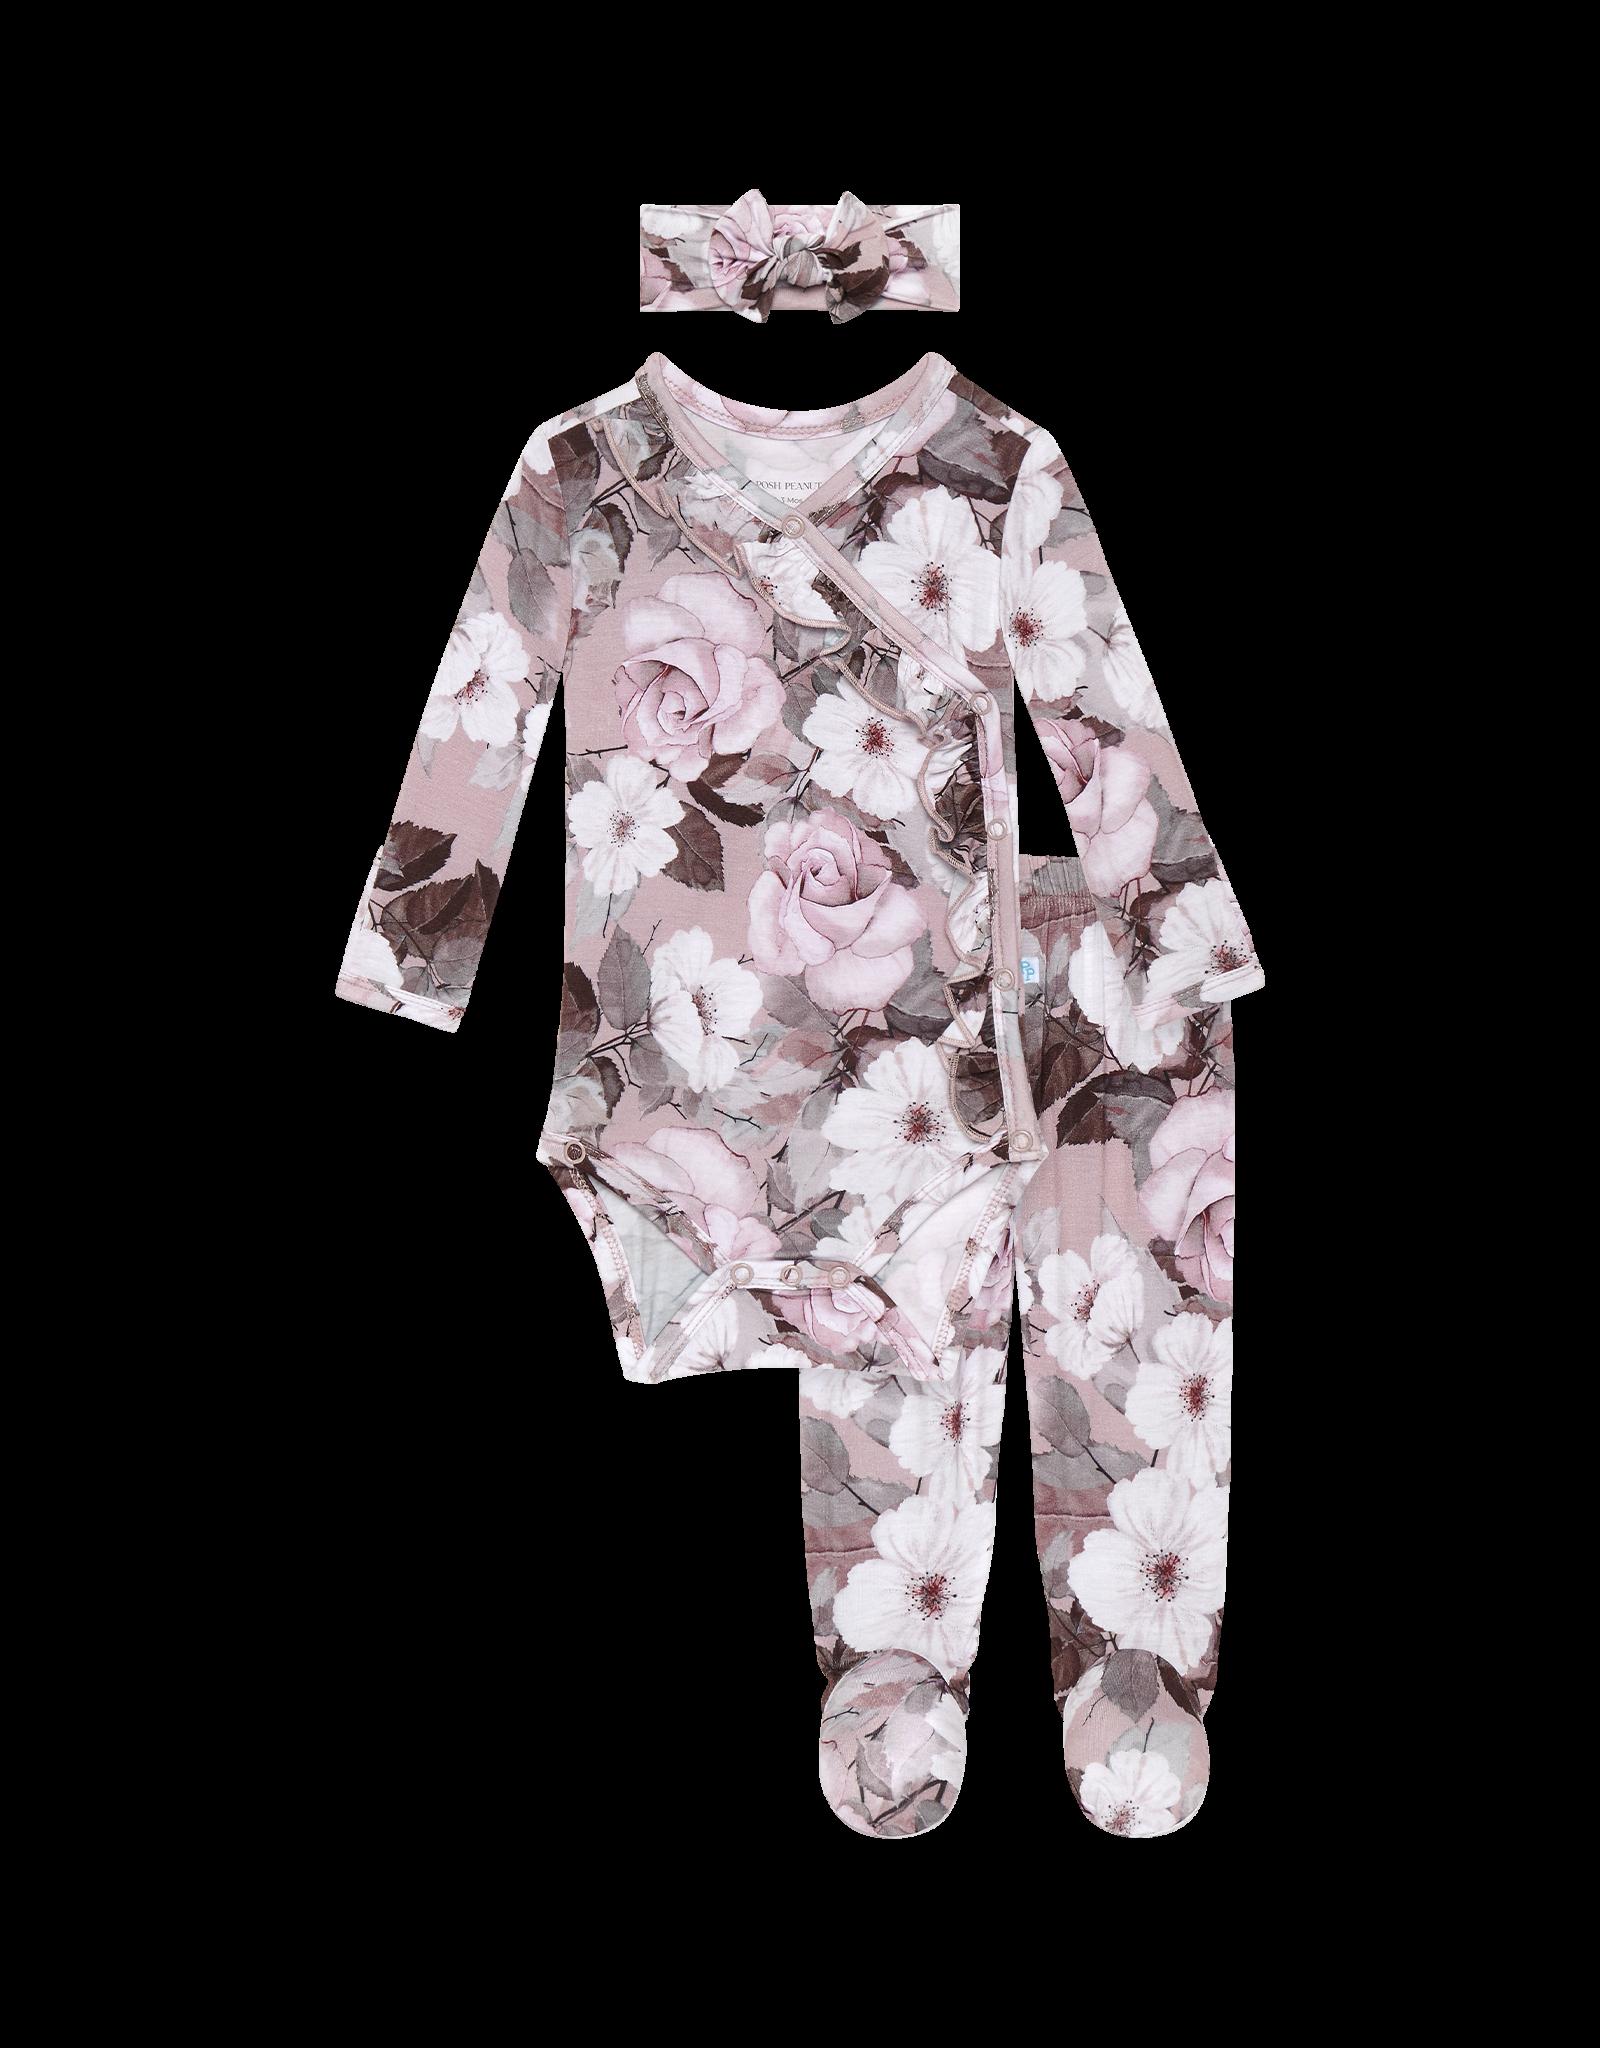 Nikki - Ruffled Kimono Set/Footie Pants/Headwrap